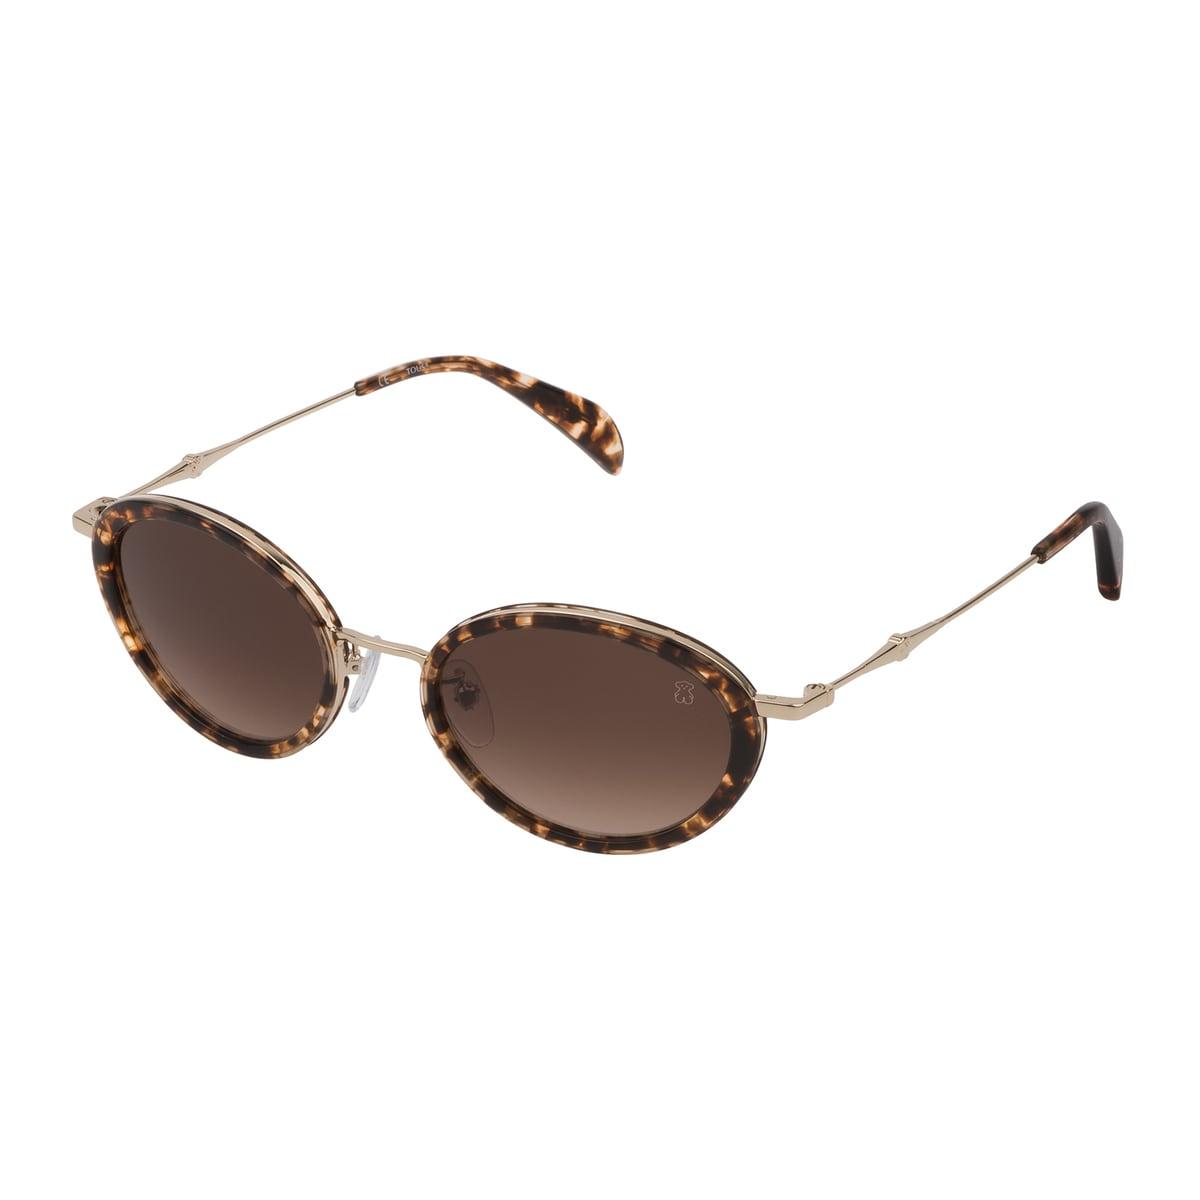 Gafas de sol Metal Bear de metal y acetato en color marrón